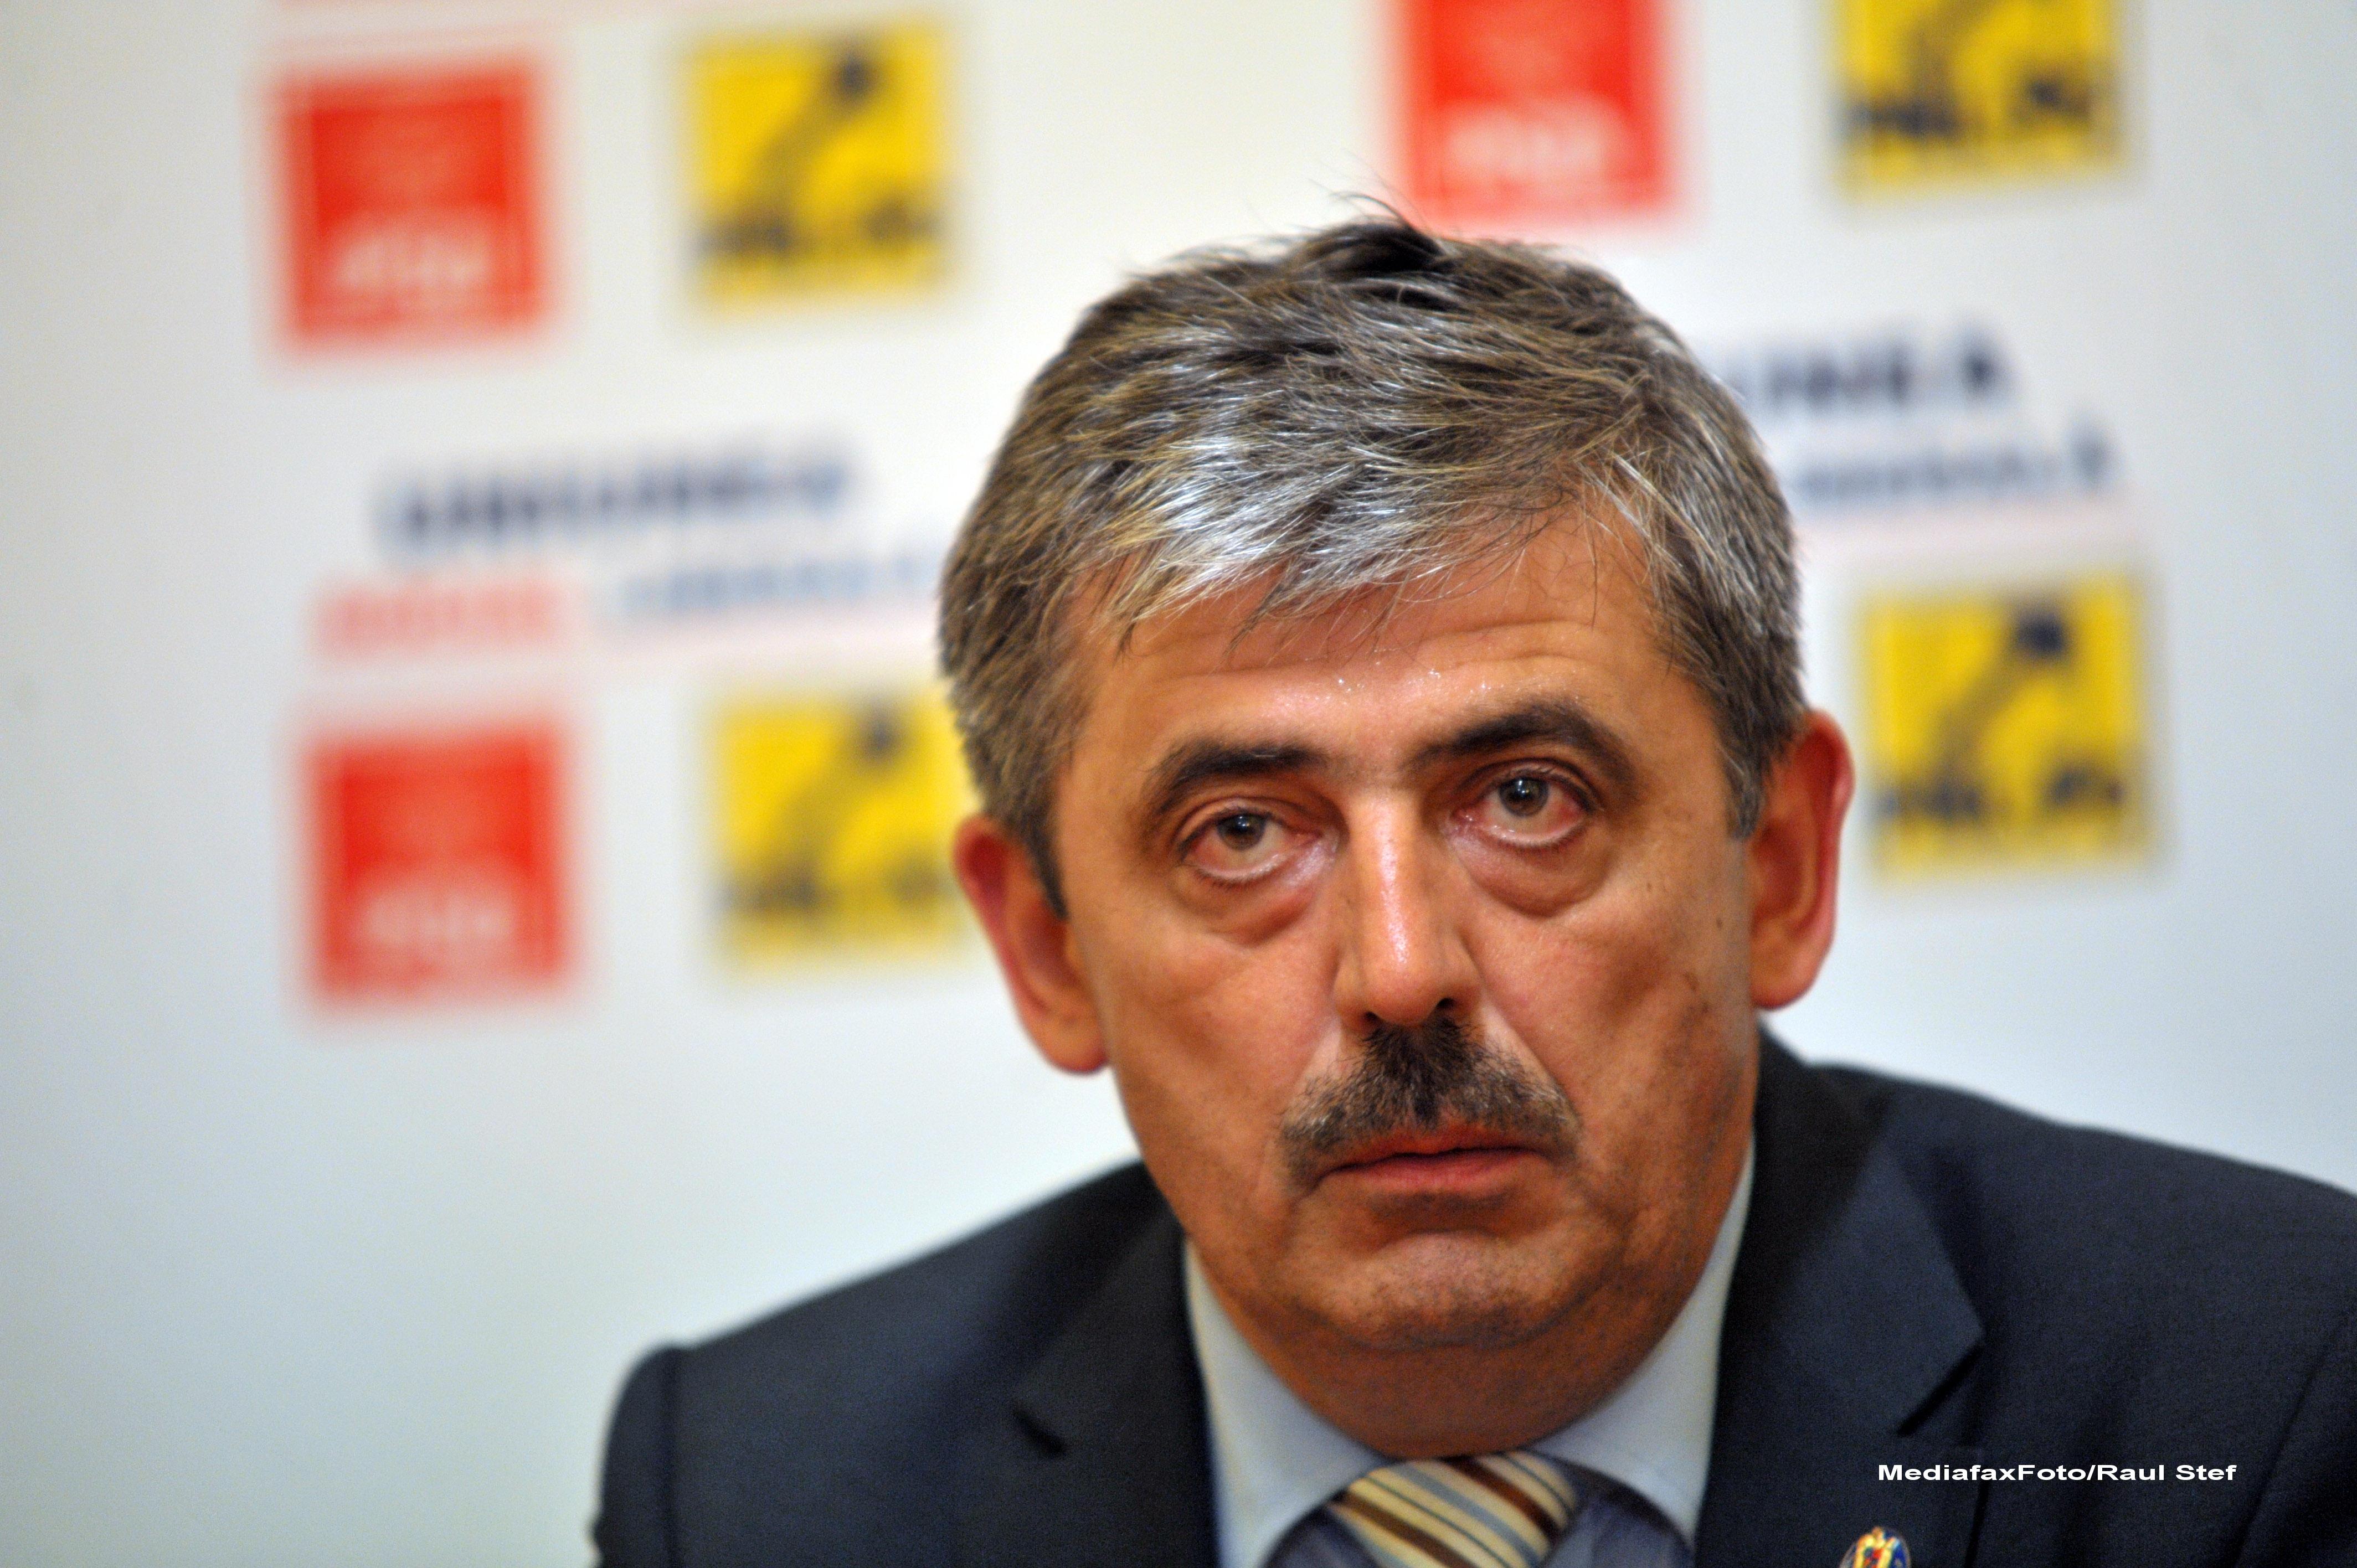 Presedintele CJ Cluj, Horea Uioreanu, si-a ras mustata pentru ca a castigat alegerile locale